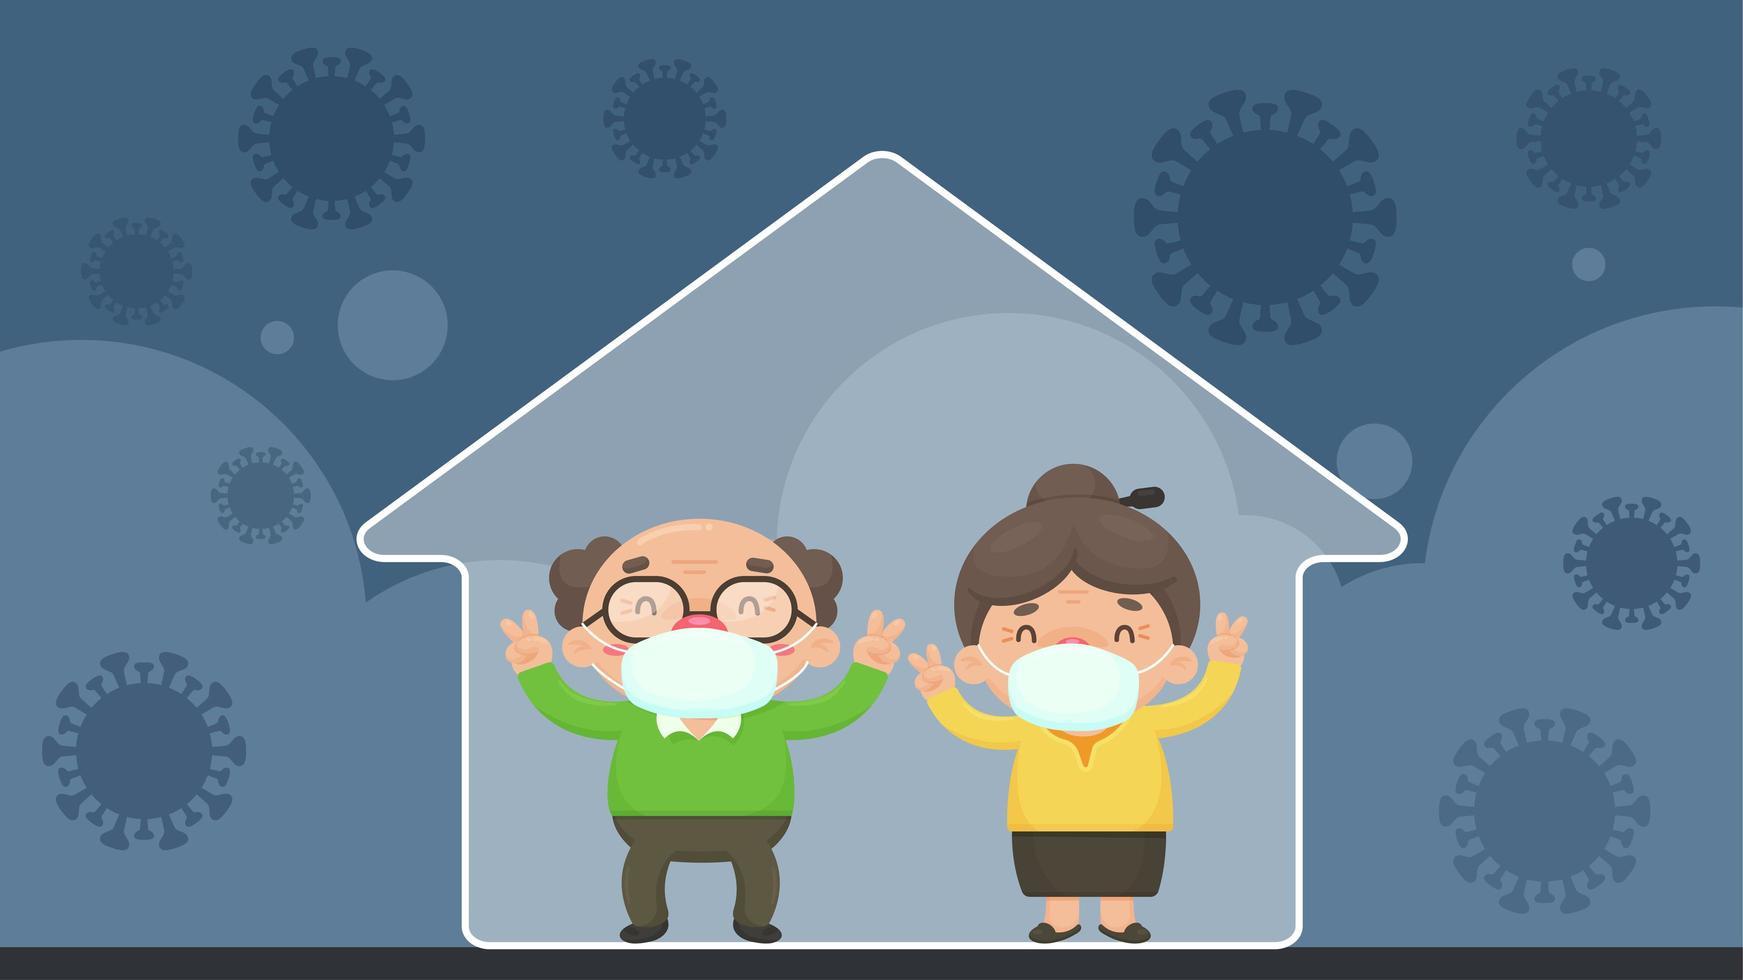 soziale Distanzierung des älteren Paares im Karikaturstil vektor